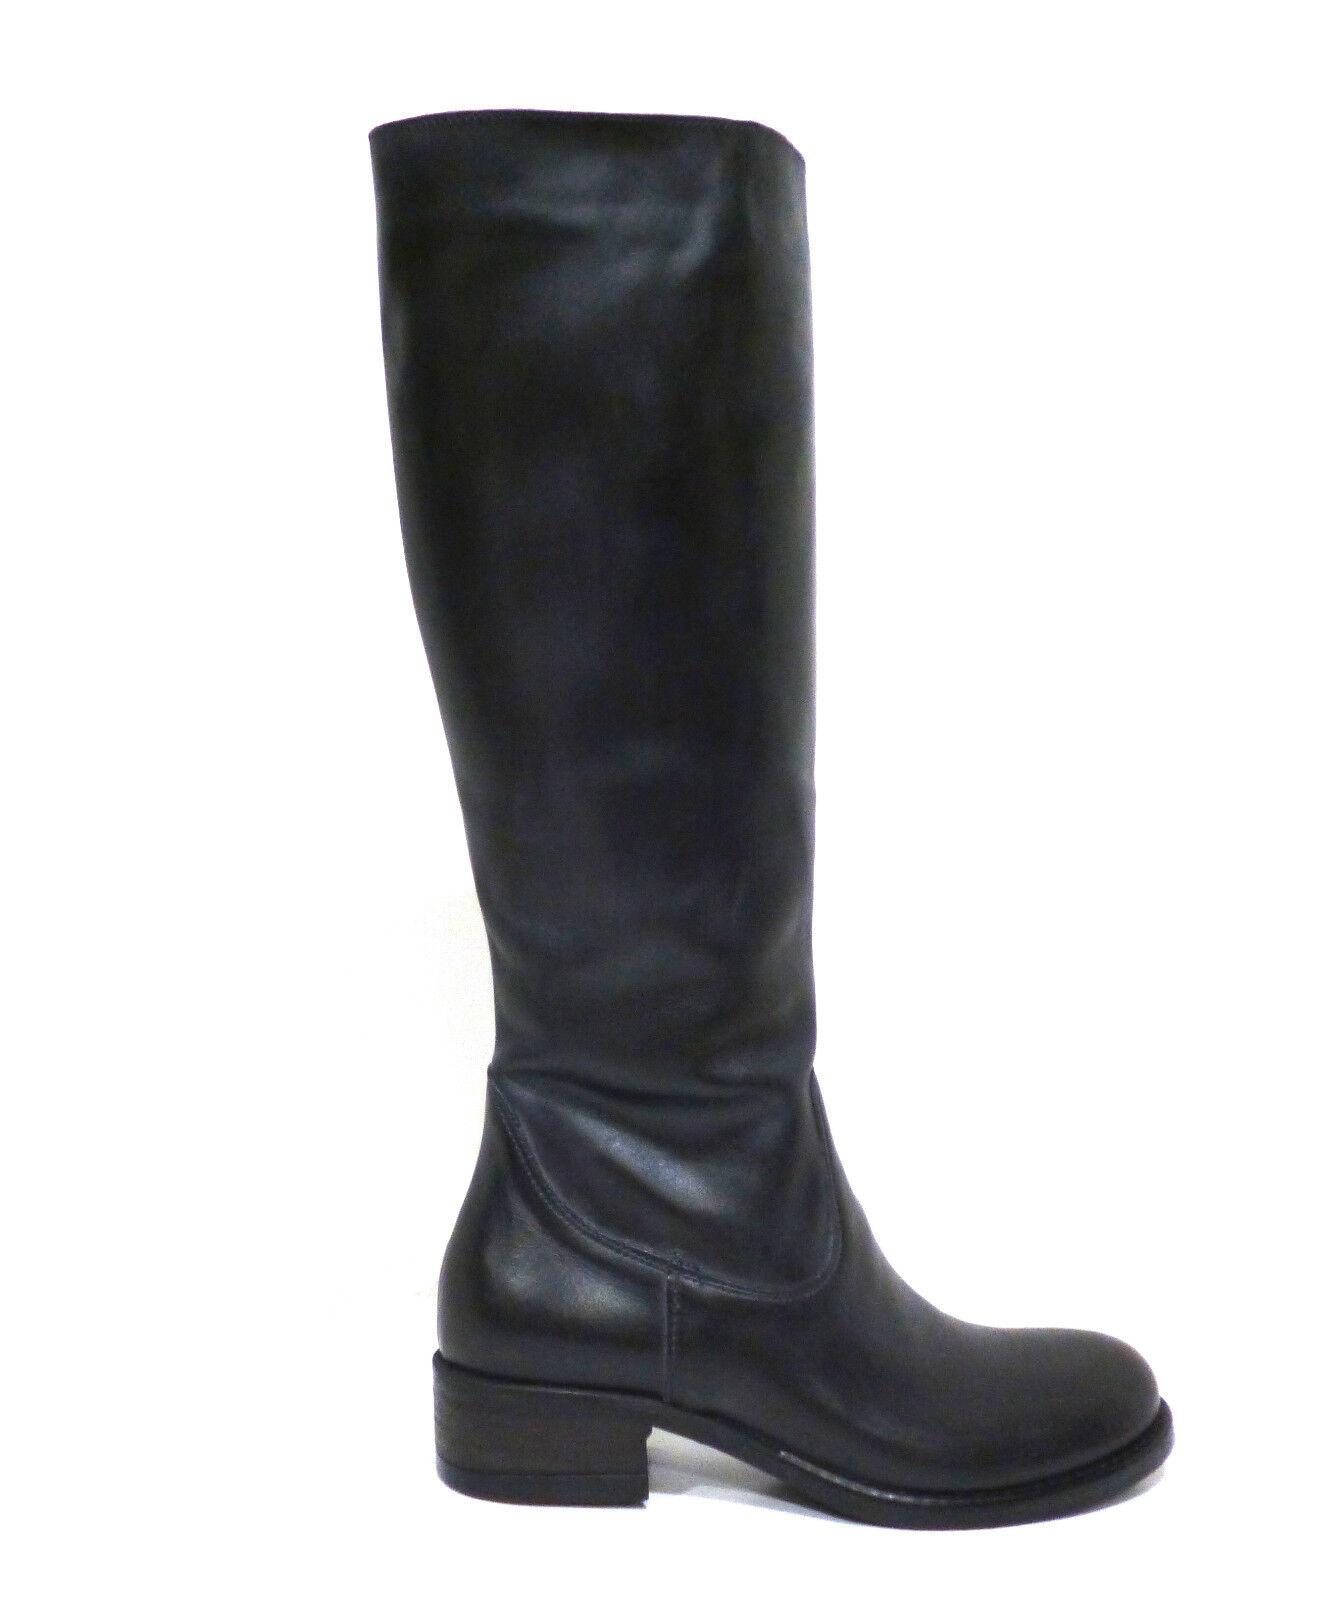 Scarpe donna donna donna stivale pelle grigio scuro con tacco basso Gioseppo Kaila e064a9